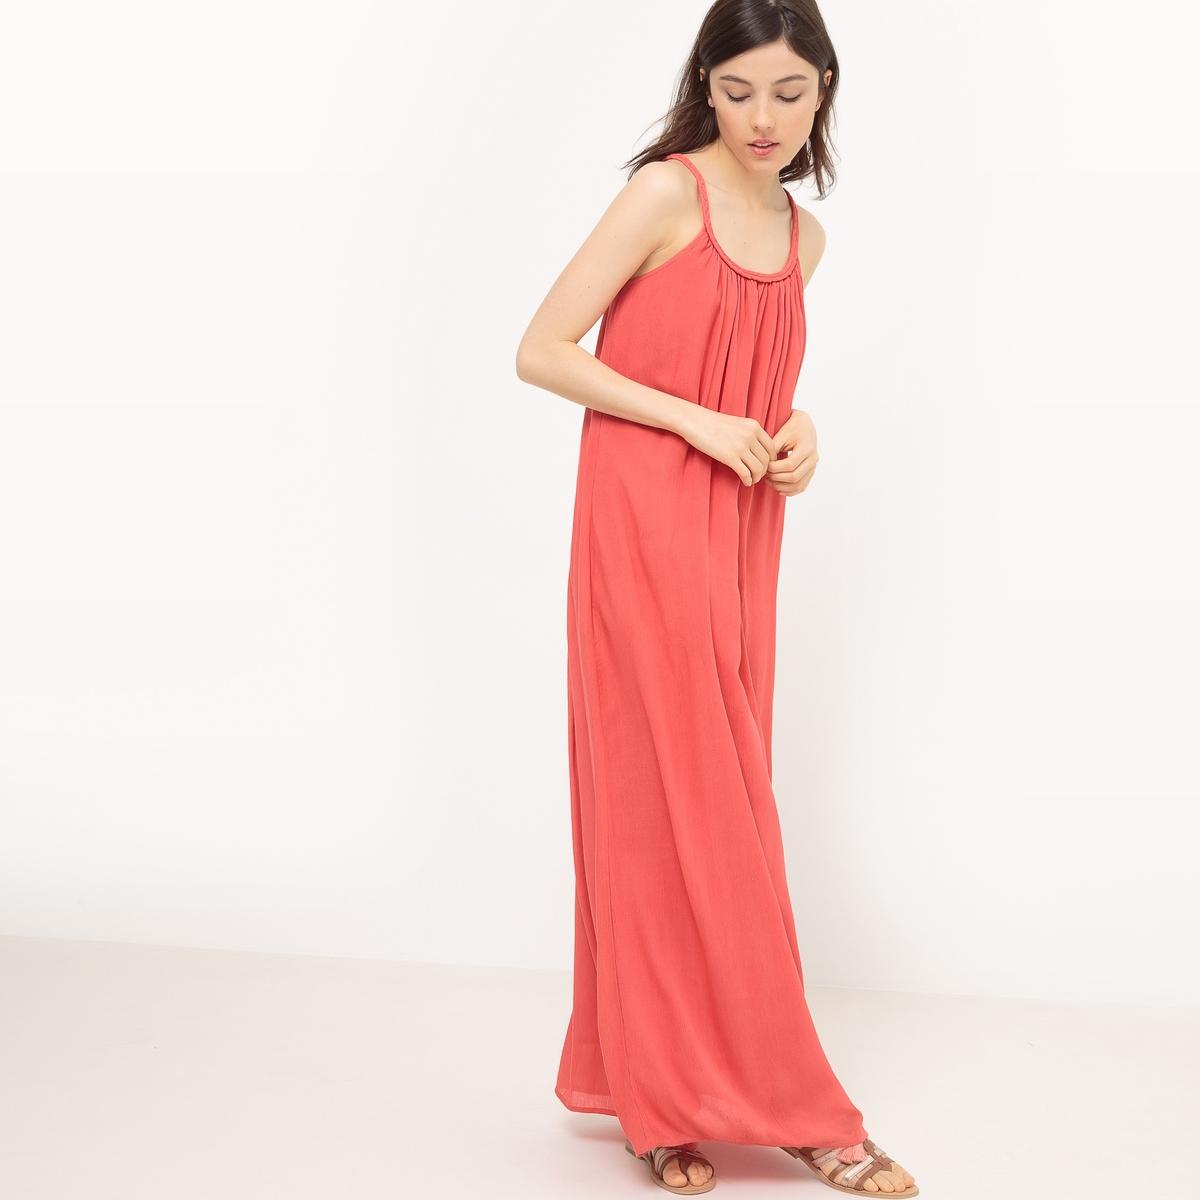 Платье длинное с тонкими бретелямиМатериал : 100% вискозаПодкладка : 100% хлопок       Уход :Машинная стирка при 30 °CСтирать с вещами схожих цветовГладить при низкой температуре<br><br>Цвет: оранжевый,слоновая кость,черный